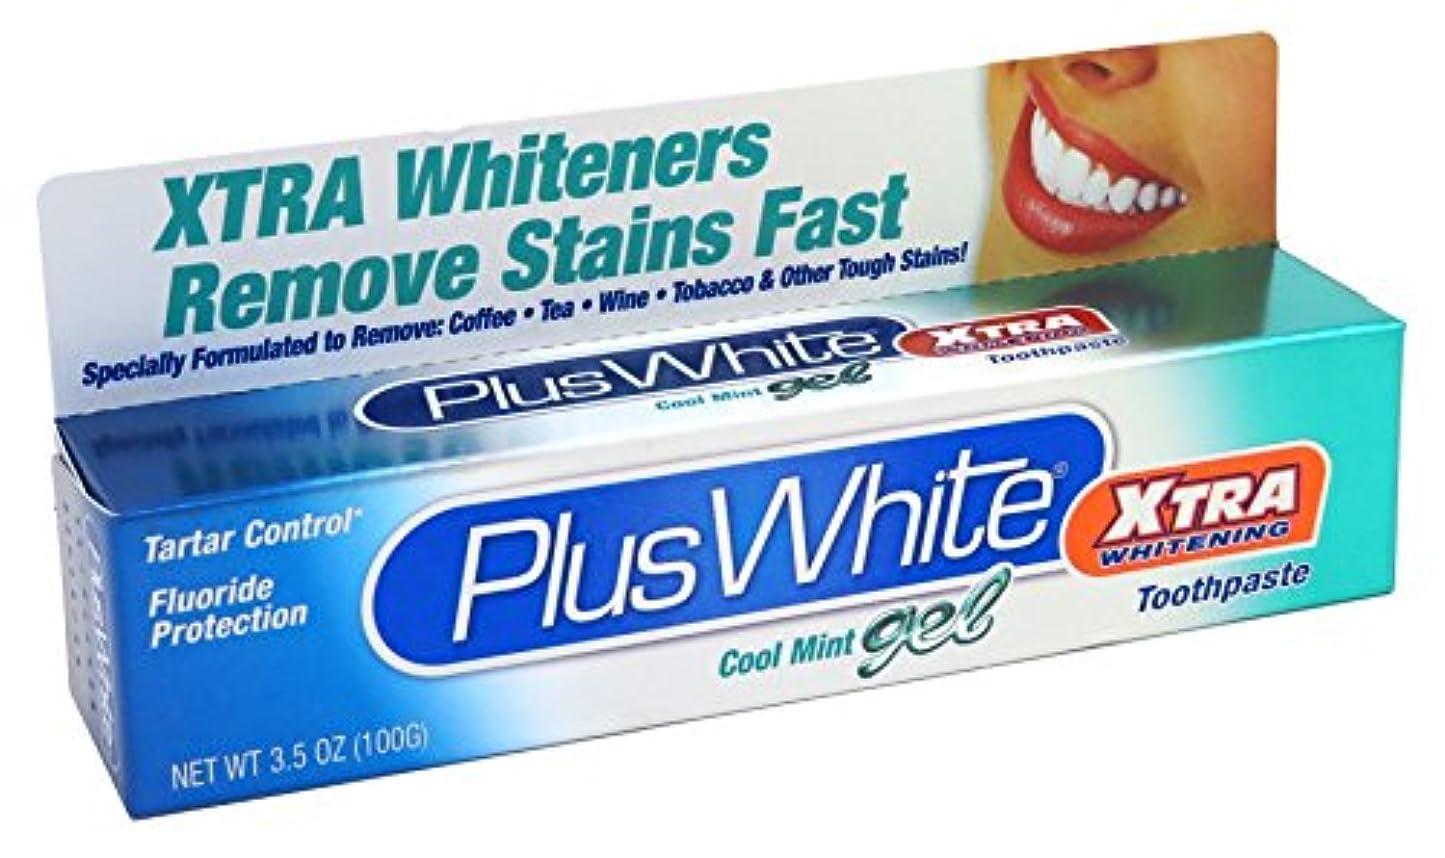 観察する物足りない謝罪する強力ホワイトニング歯磨きミントジェル 104ml (並行輸入品)